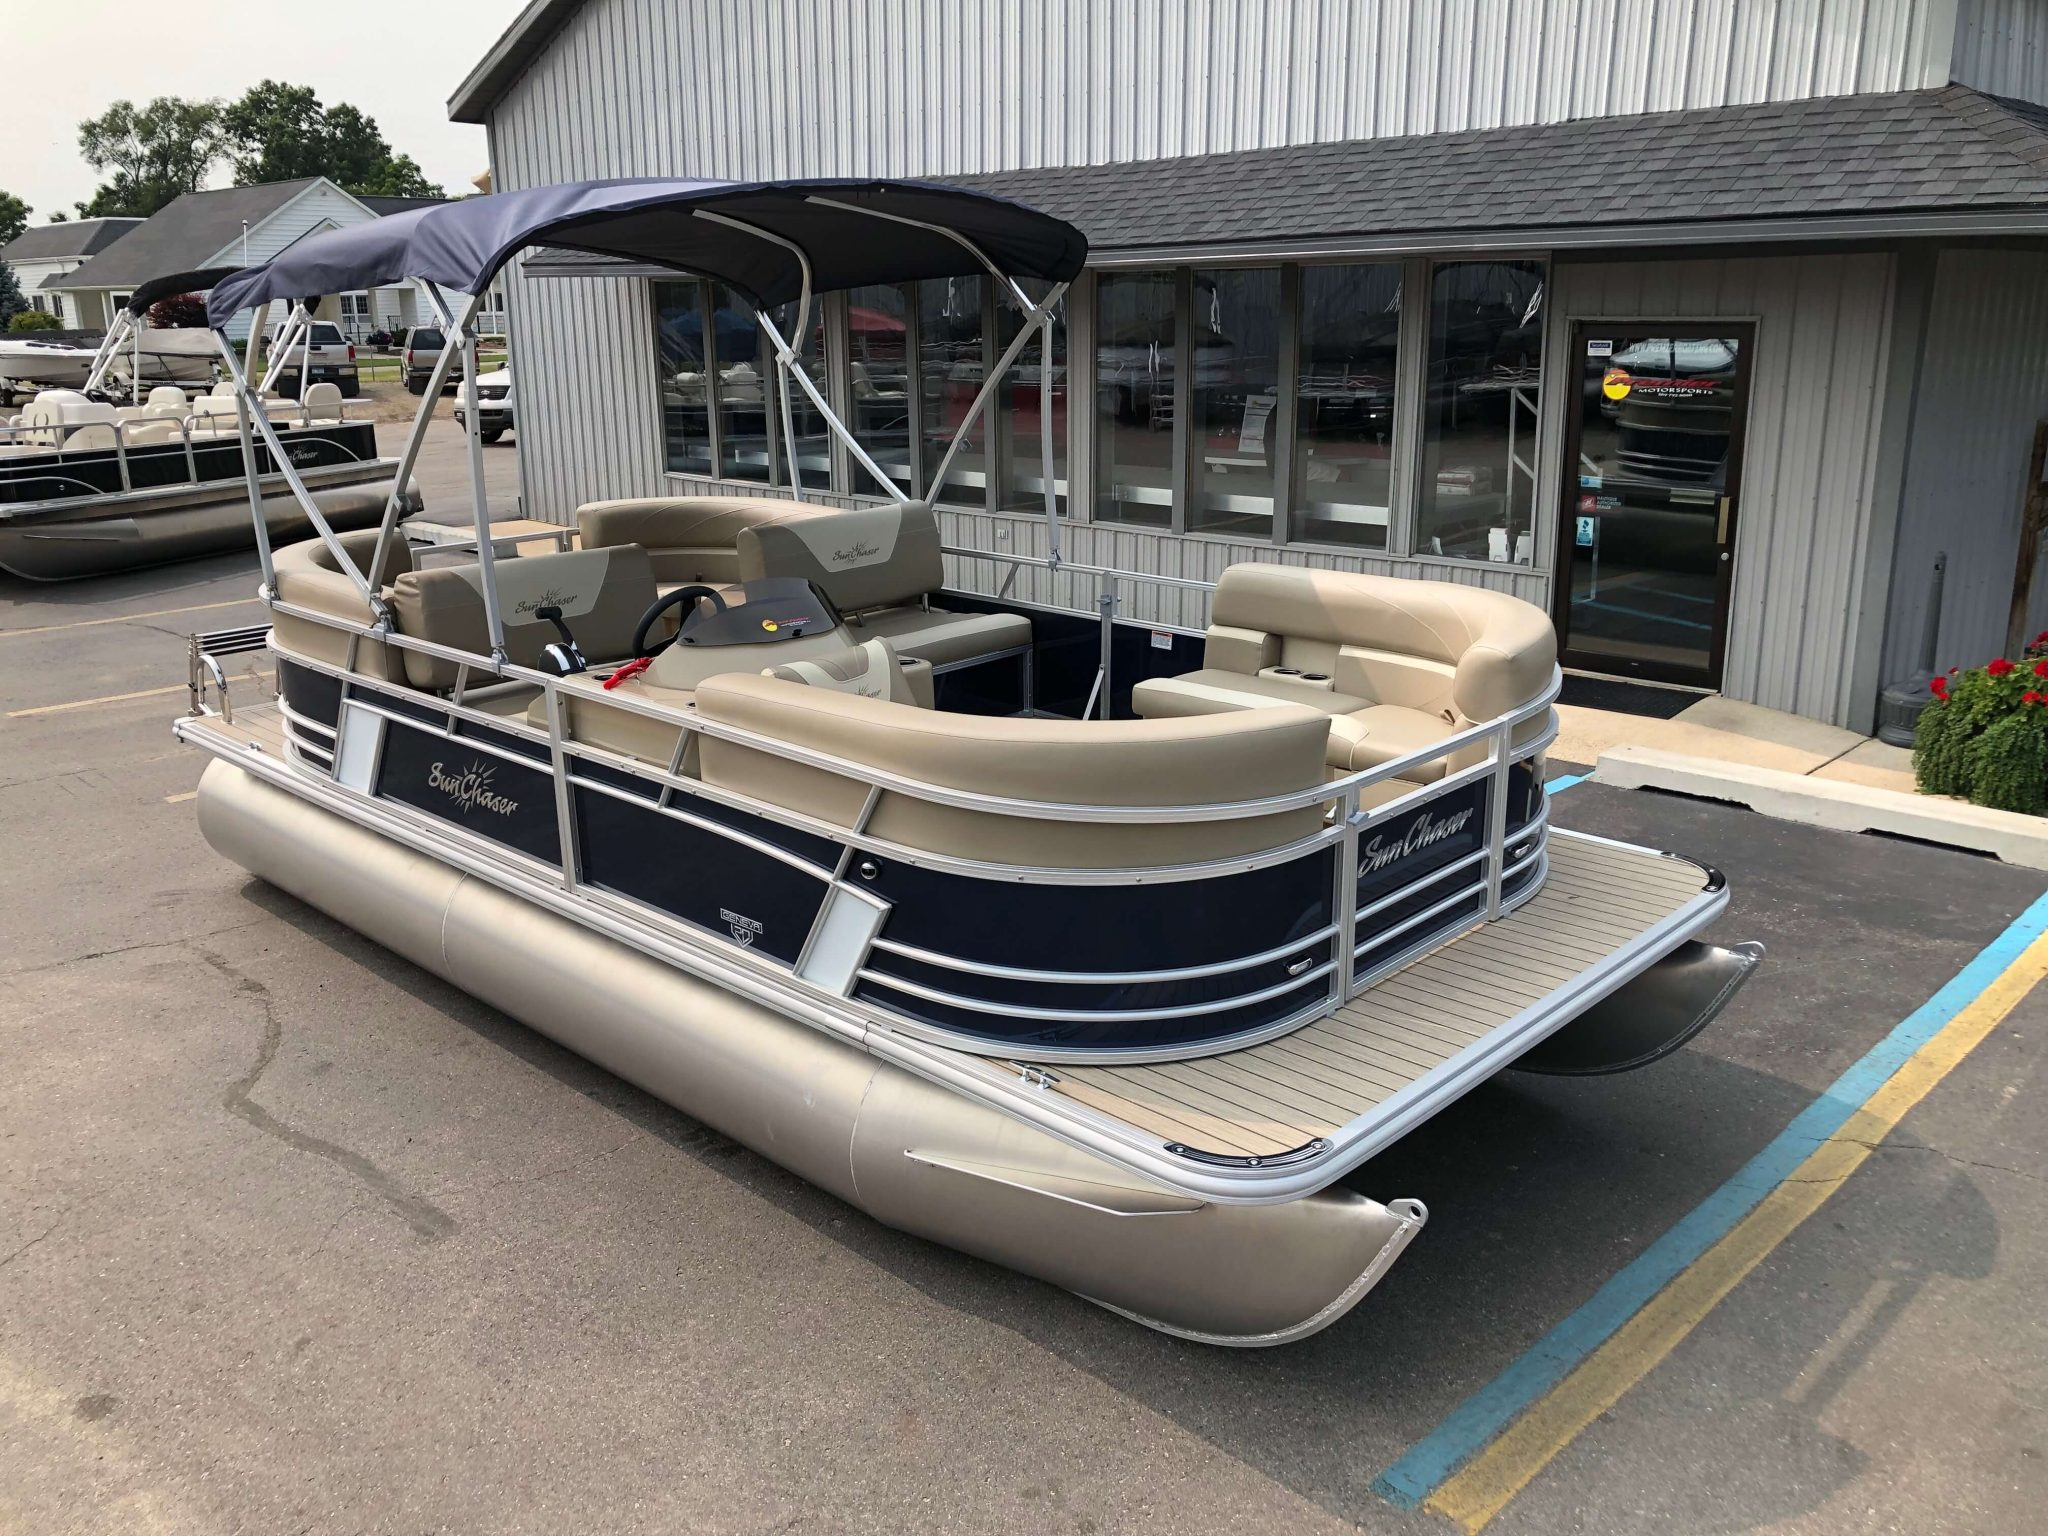 2019 Sunchaser Geneva 20 LR SB Blue White Exterior 1